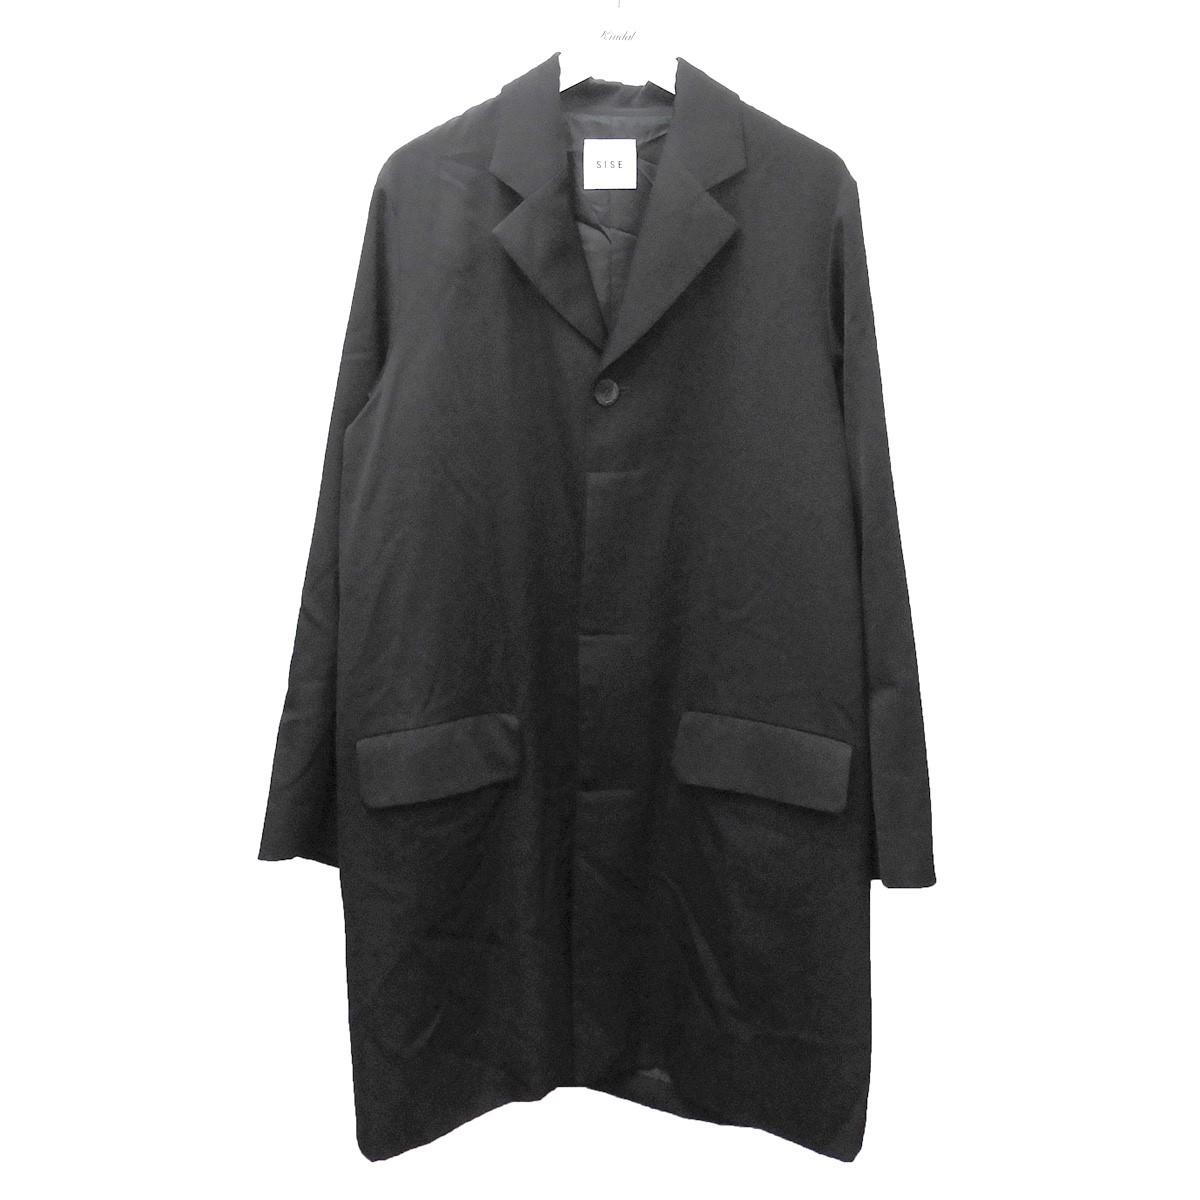 【中古】Sise 2018AW タキシードコート ブラック サイズ:0 【260620】(シセ)